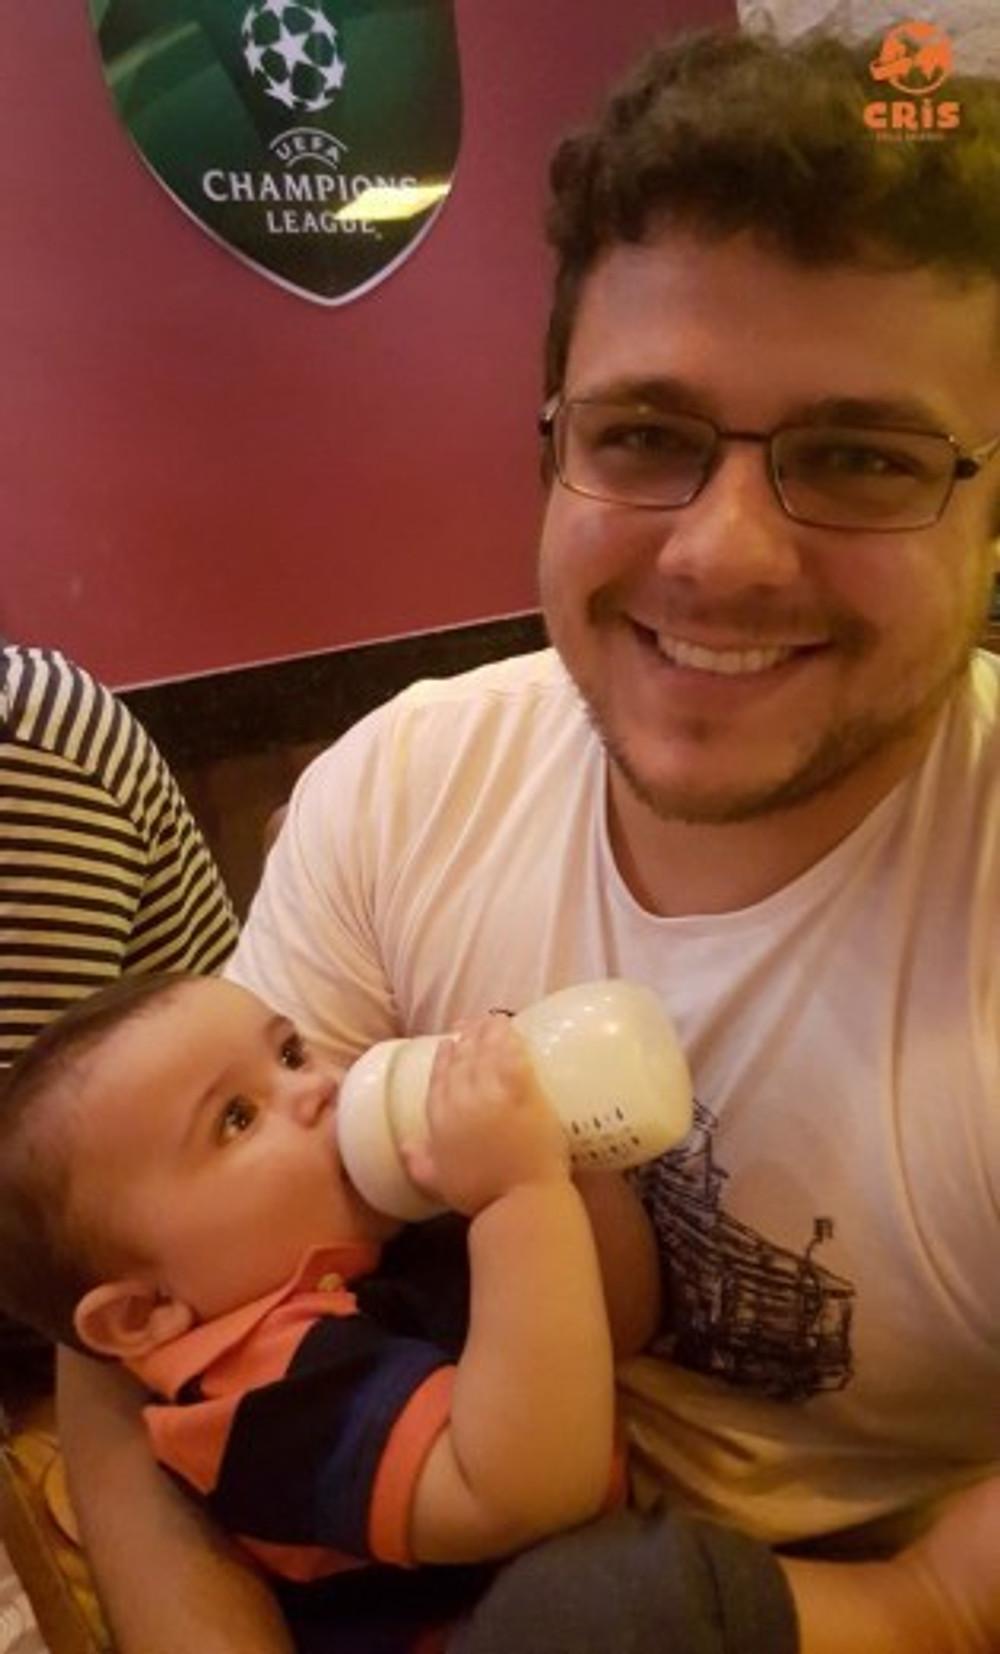 viajar com bebe viajando com bebe crisstilben cris pelo mundo cris stilben (13)